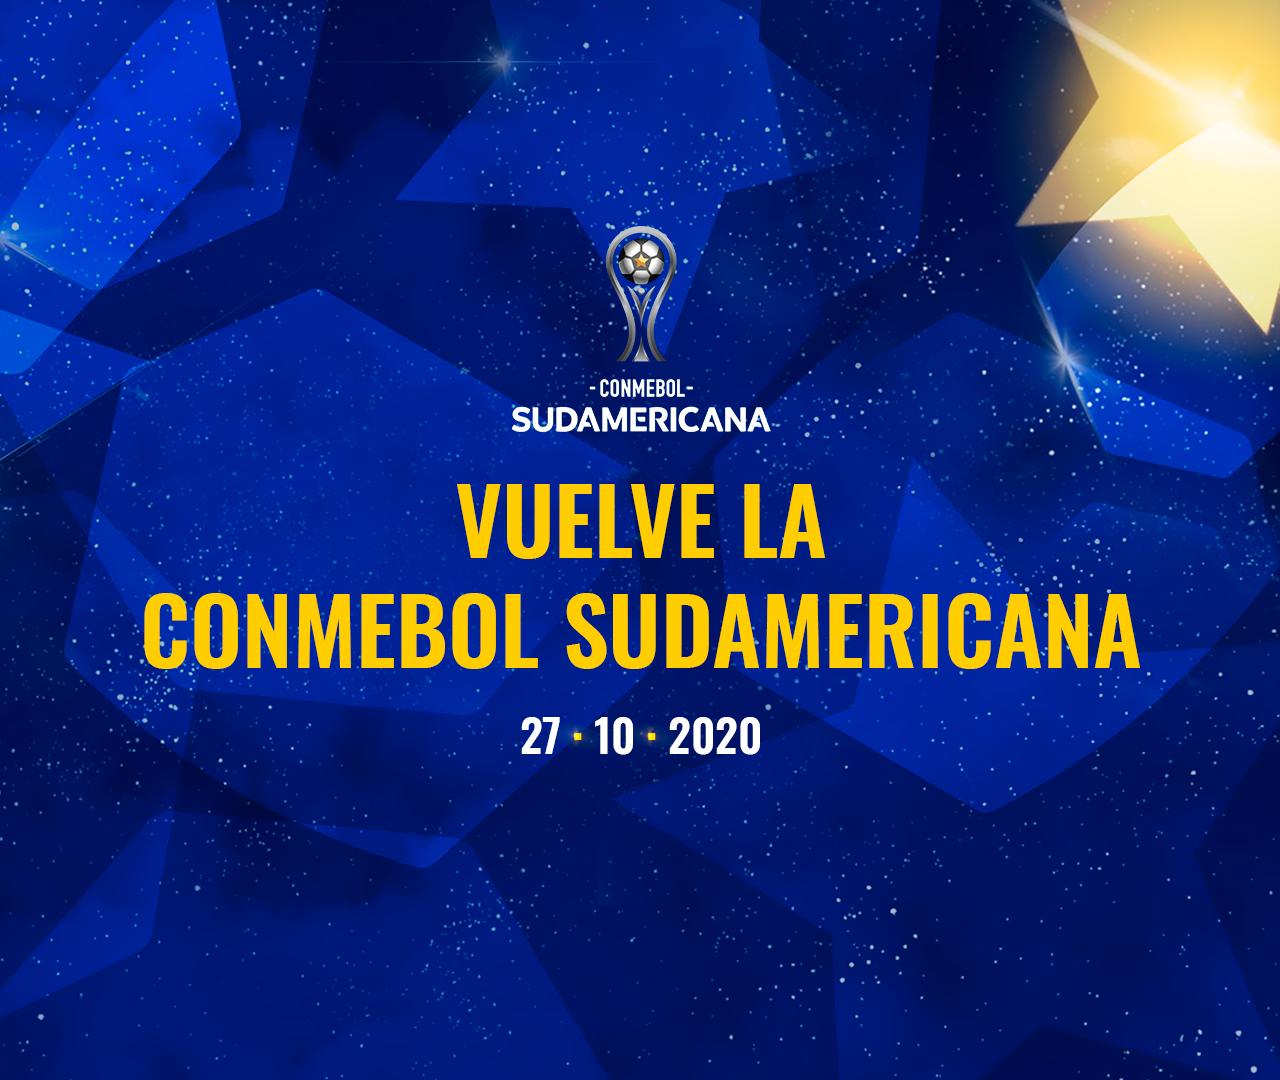 Vuelve la CONMEBOL Sudamericana 2020